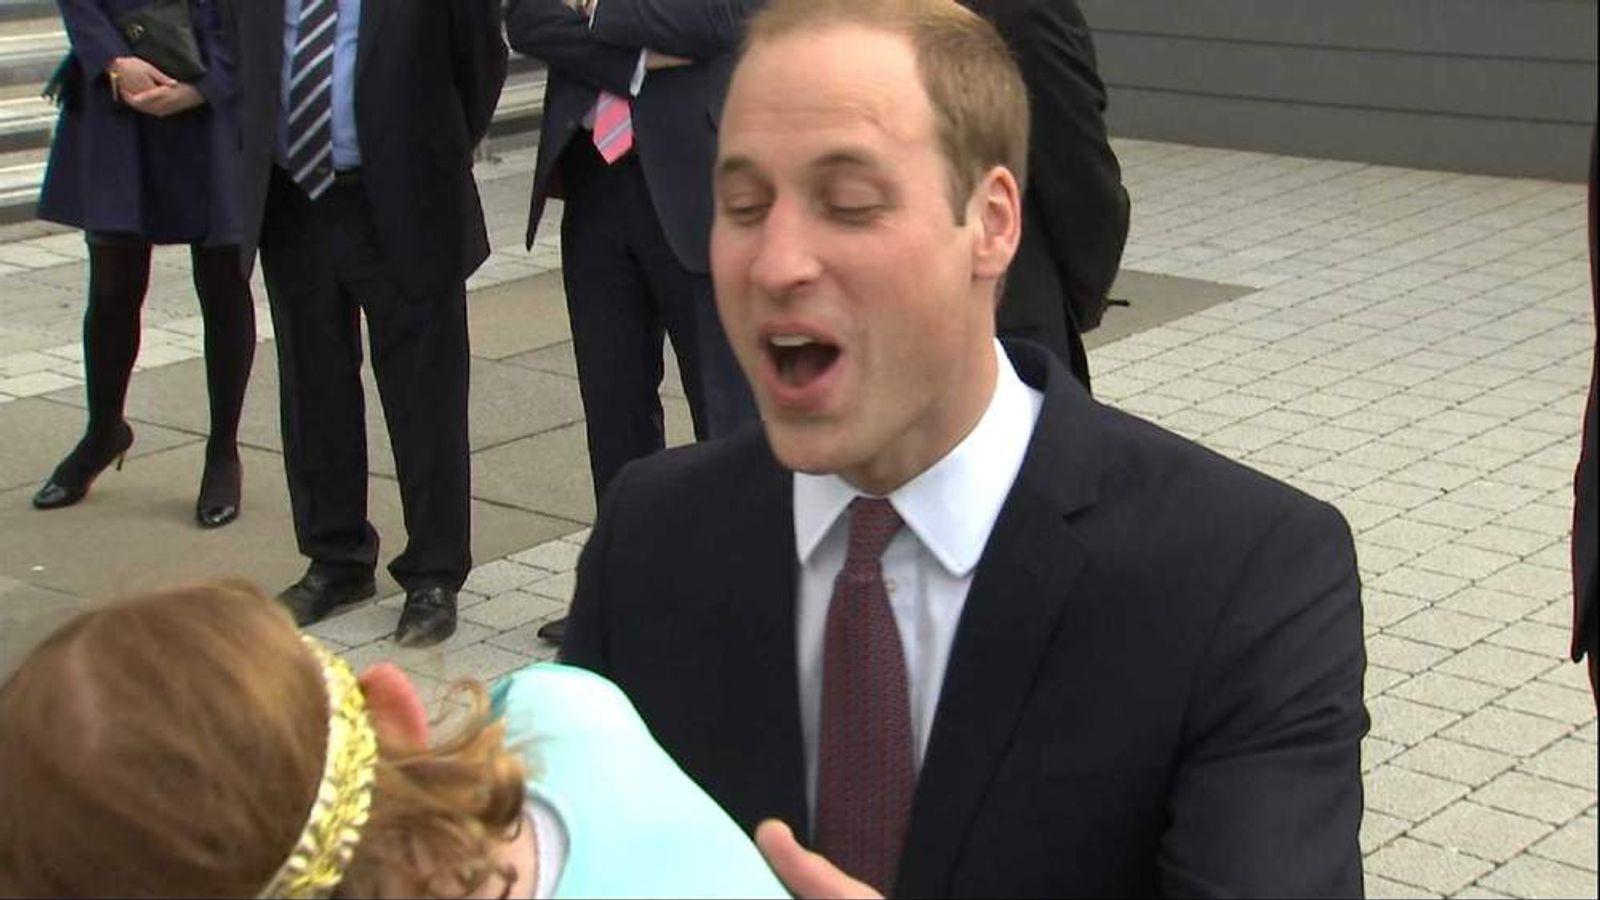 Prince William in Scotland